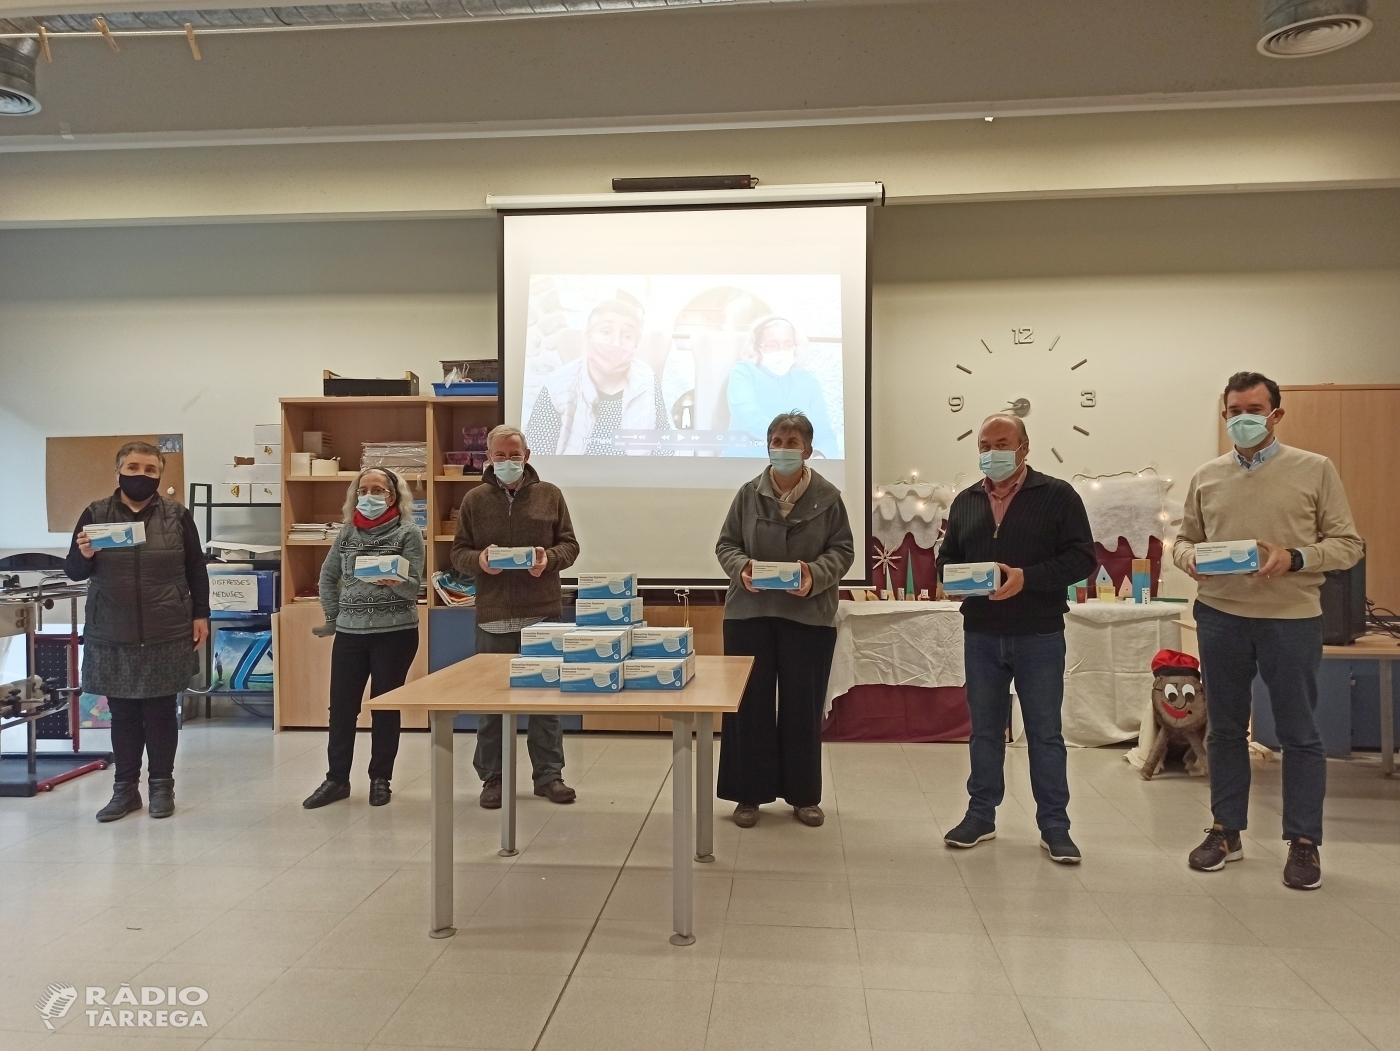 La Federació de Cooperatives Agràries de Catalunya lliura 3.800 mascaretes i 3.800€ al fons d'emergència AntiCOVID del Grup Alba